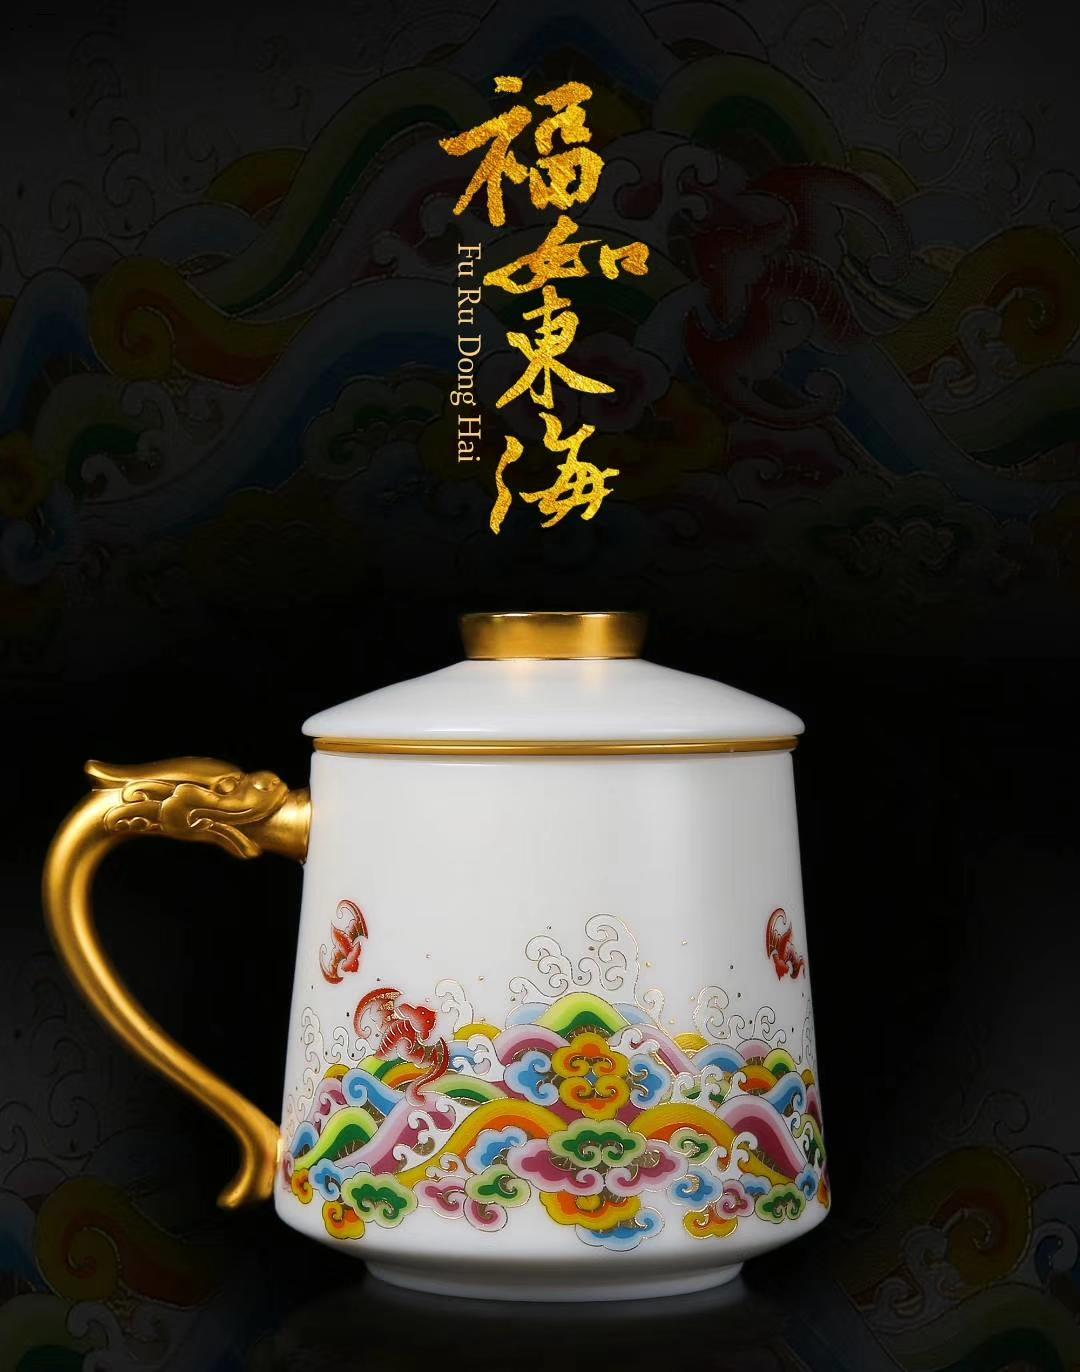 陶瓷礼品过滤茶杯福如东海茶杯带茶漏三件套装